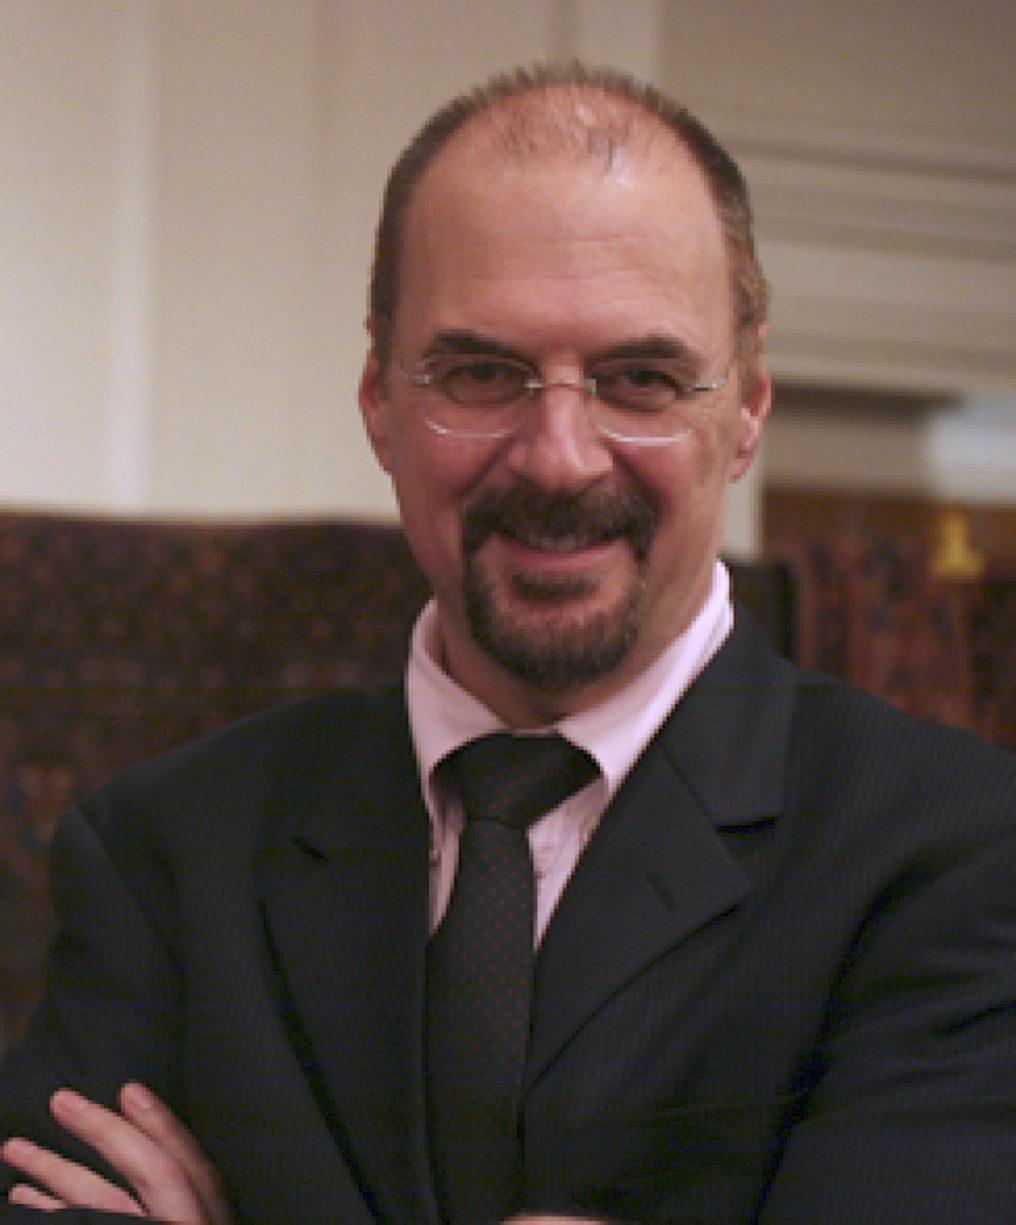 Michael DiGregorio